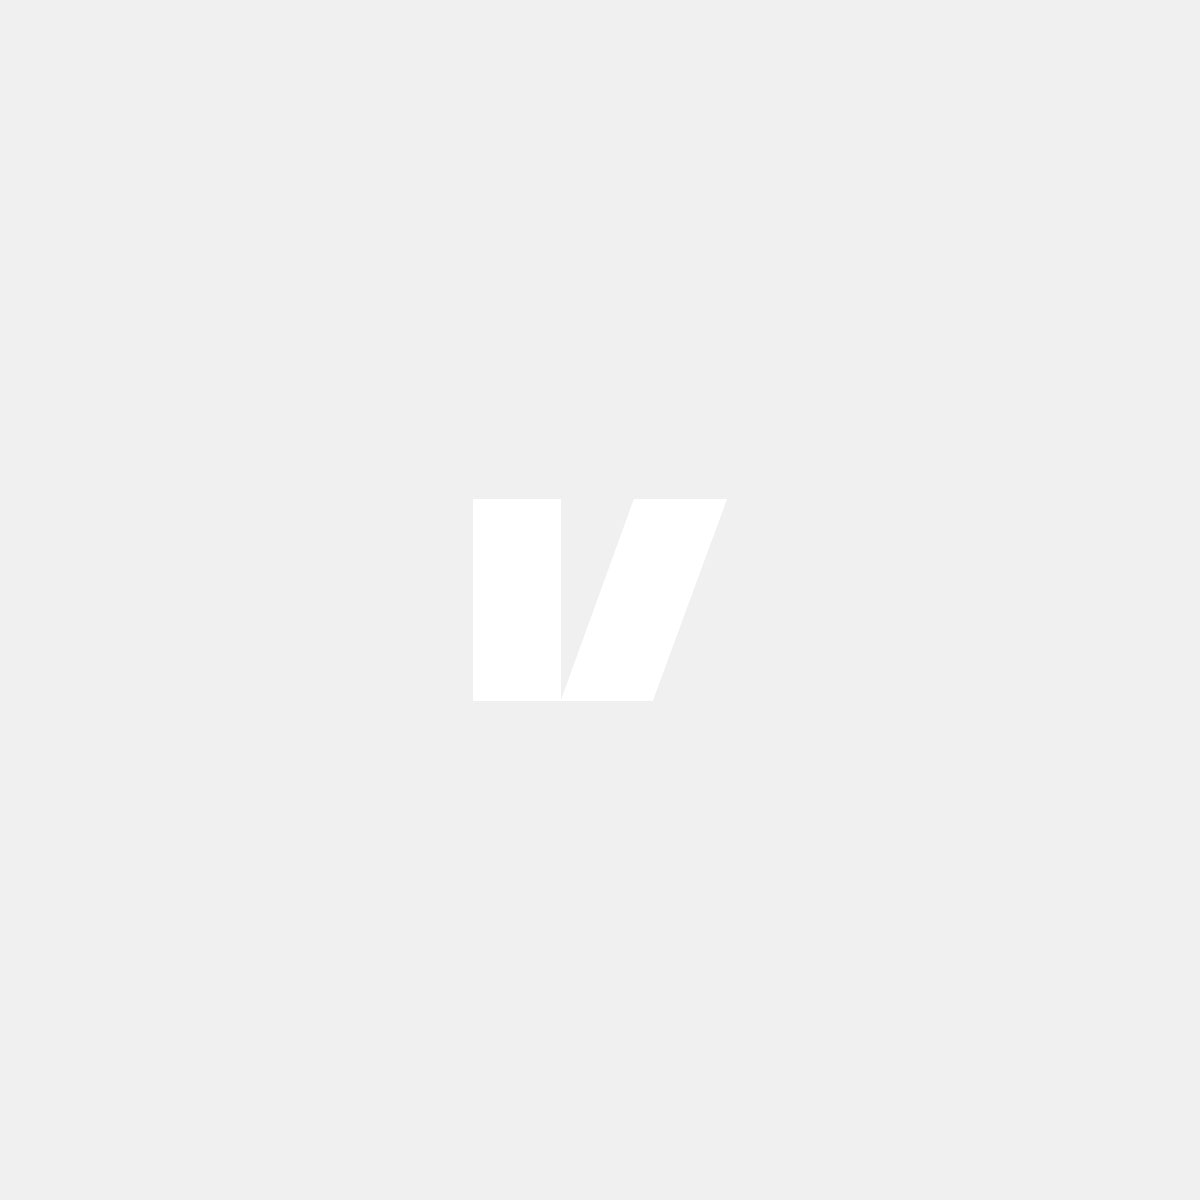 Facelift strålkastare till Volvo S60, V70n XC70 05-, Förarsidan